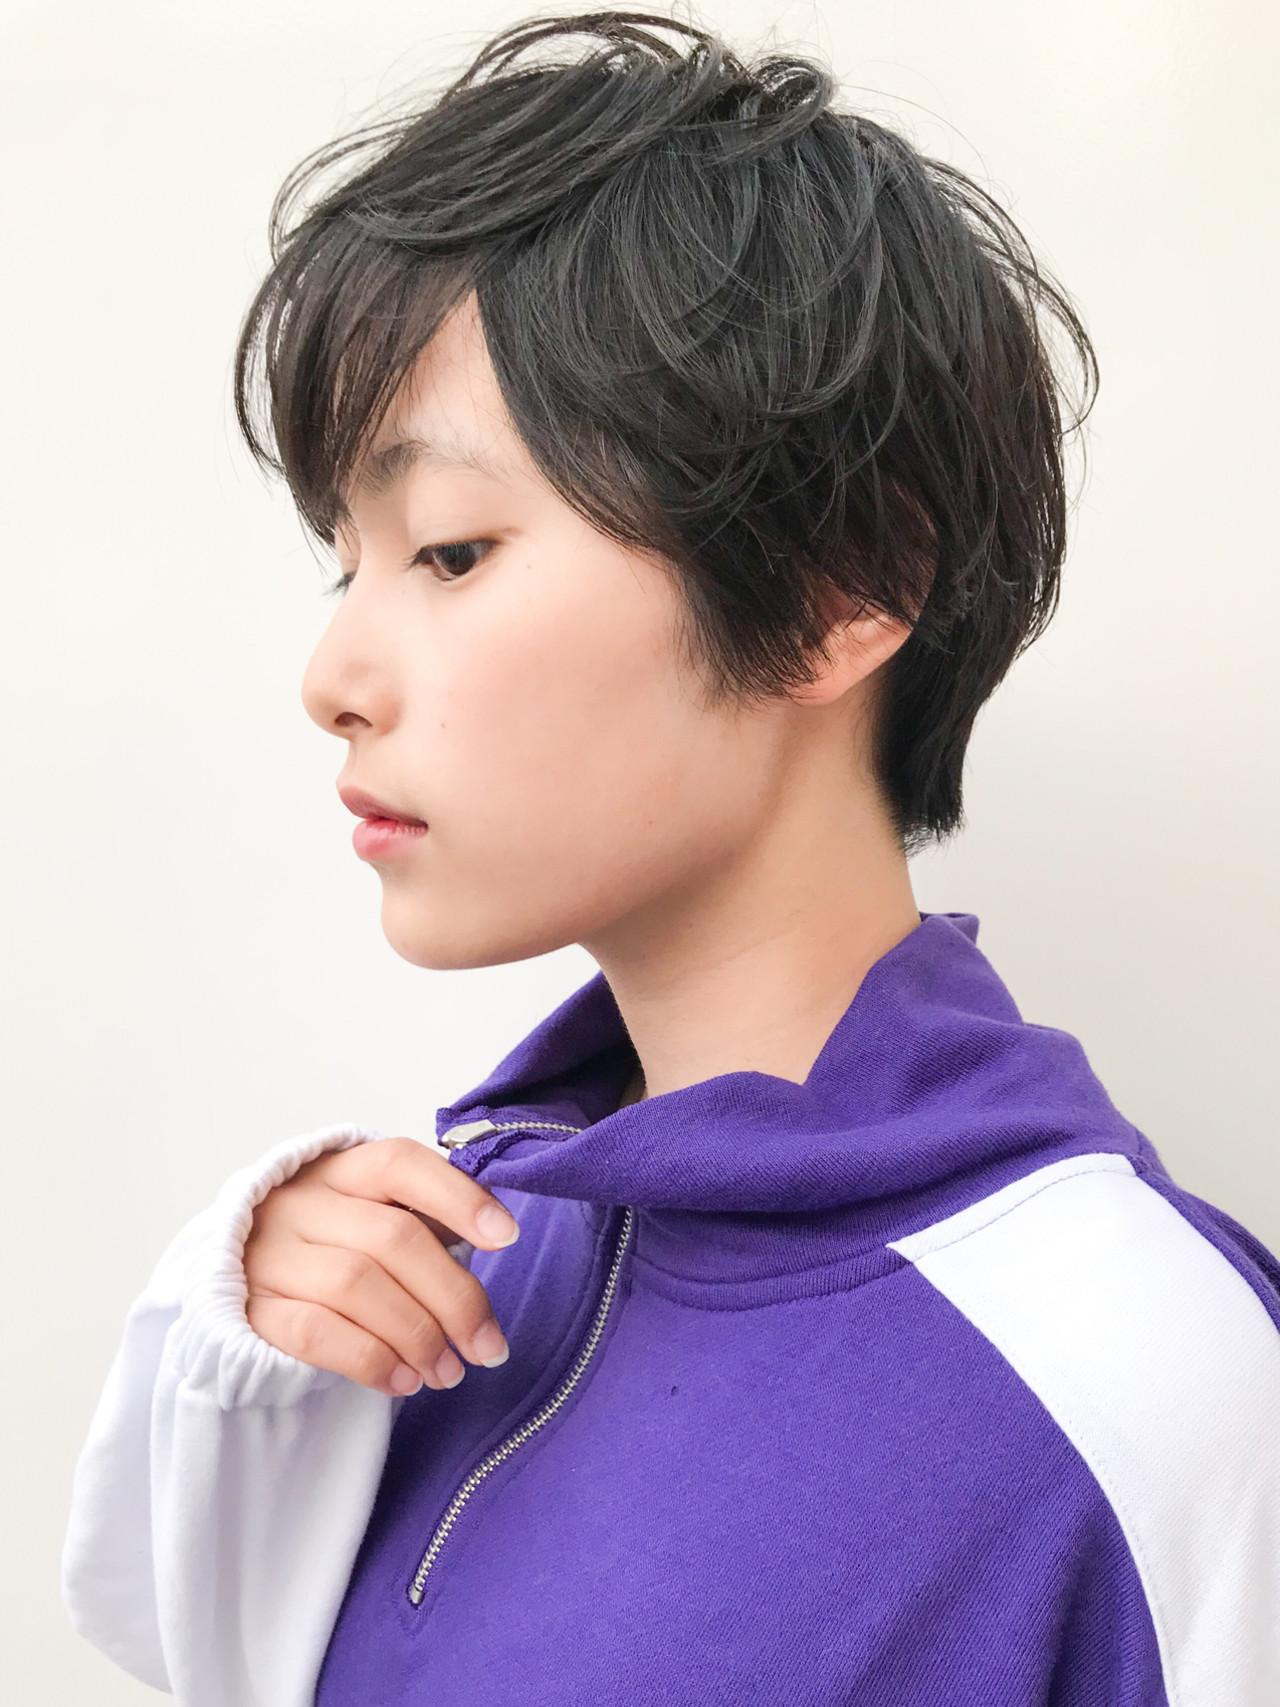 ハンサムショート アウトドア ショート 大人かわいい ヘアスタイルや髪型の写真・画像 | HIROKI / roijir / roijir